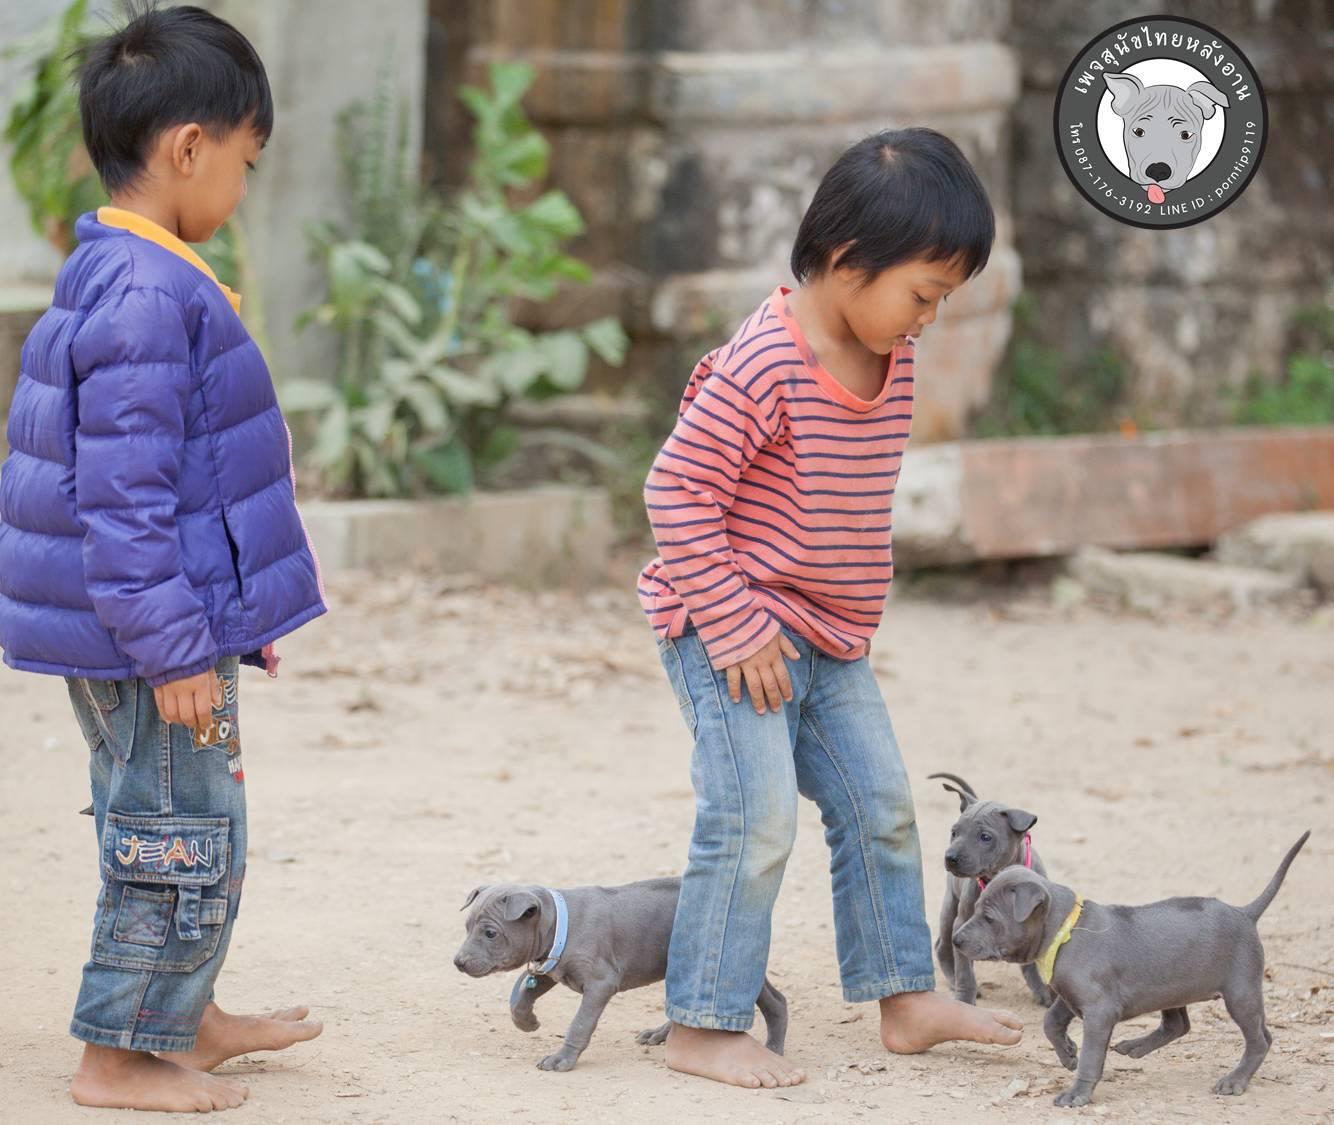 สุนัขไทยหลังอาน ขายสุนัขไทยหลังอาน   ลูกสุนัขไทยหลังอาน158KBเกิน